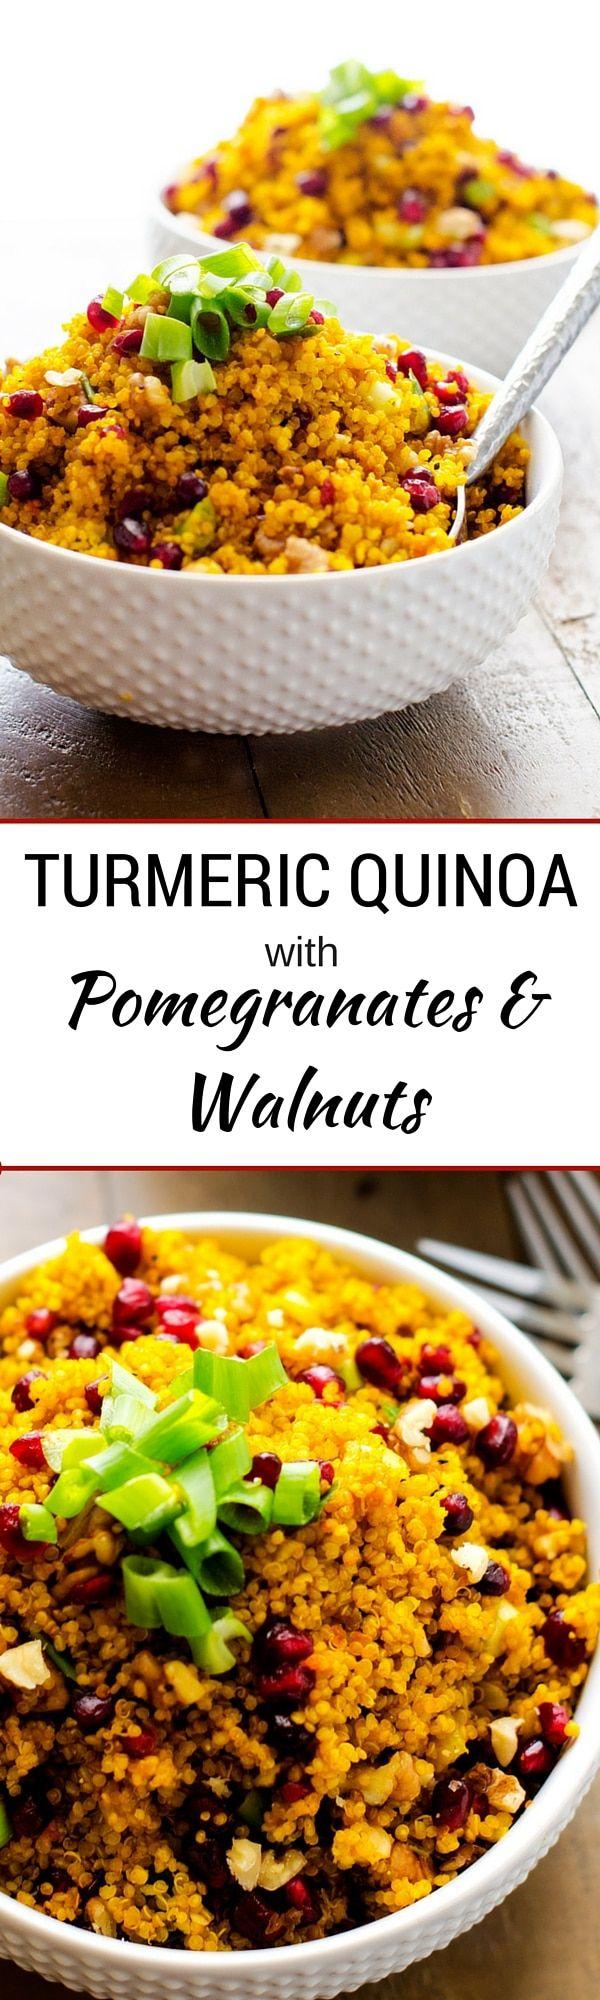 Photo of Turmeric Quinoa with Pomegranates and Walnuts